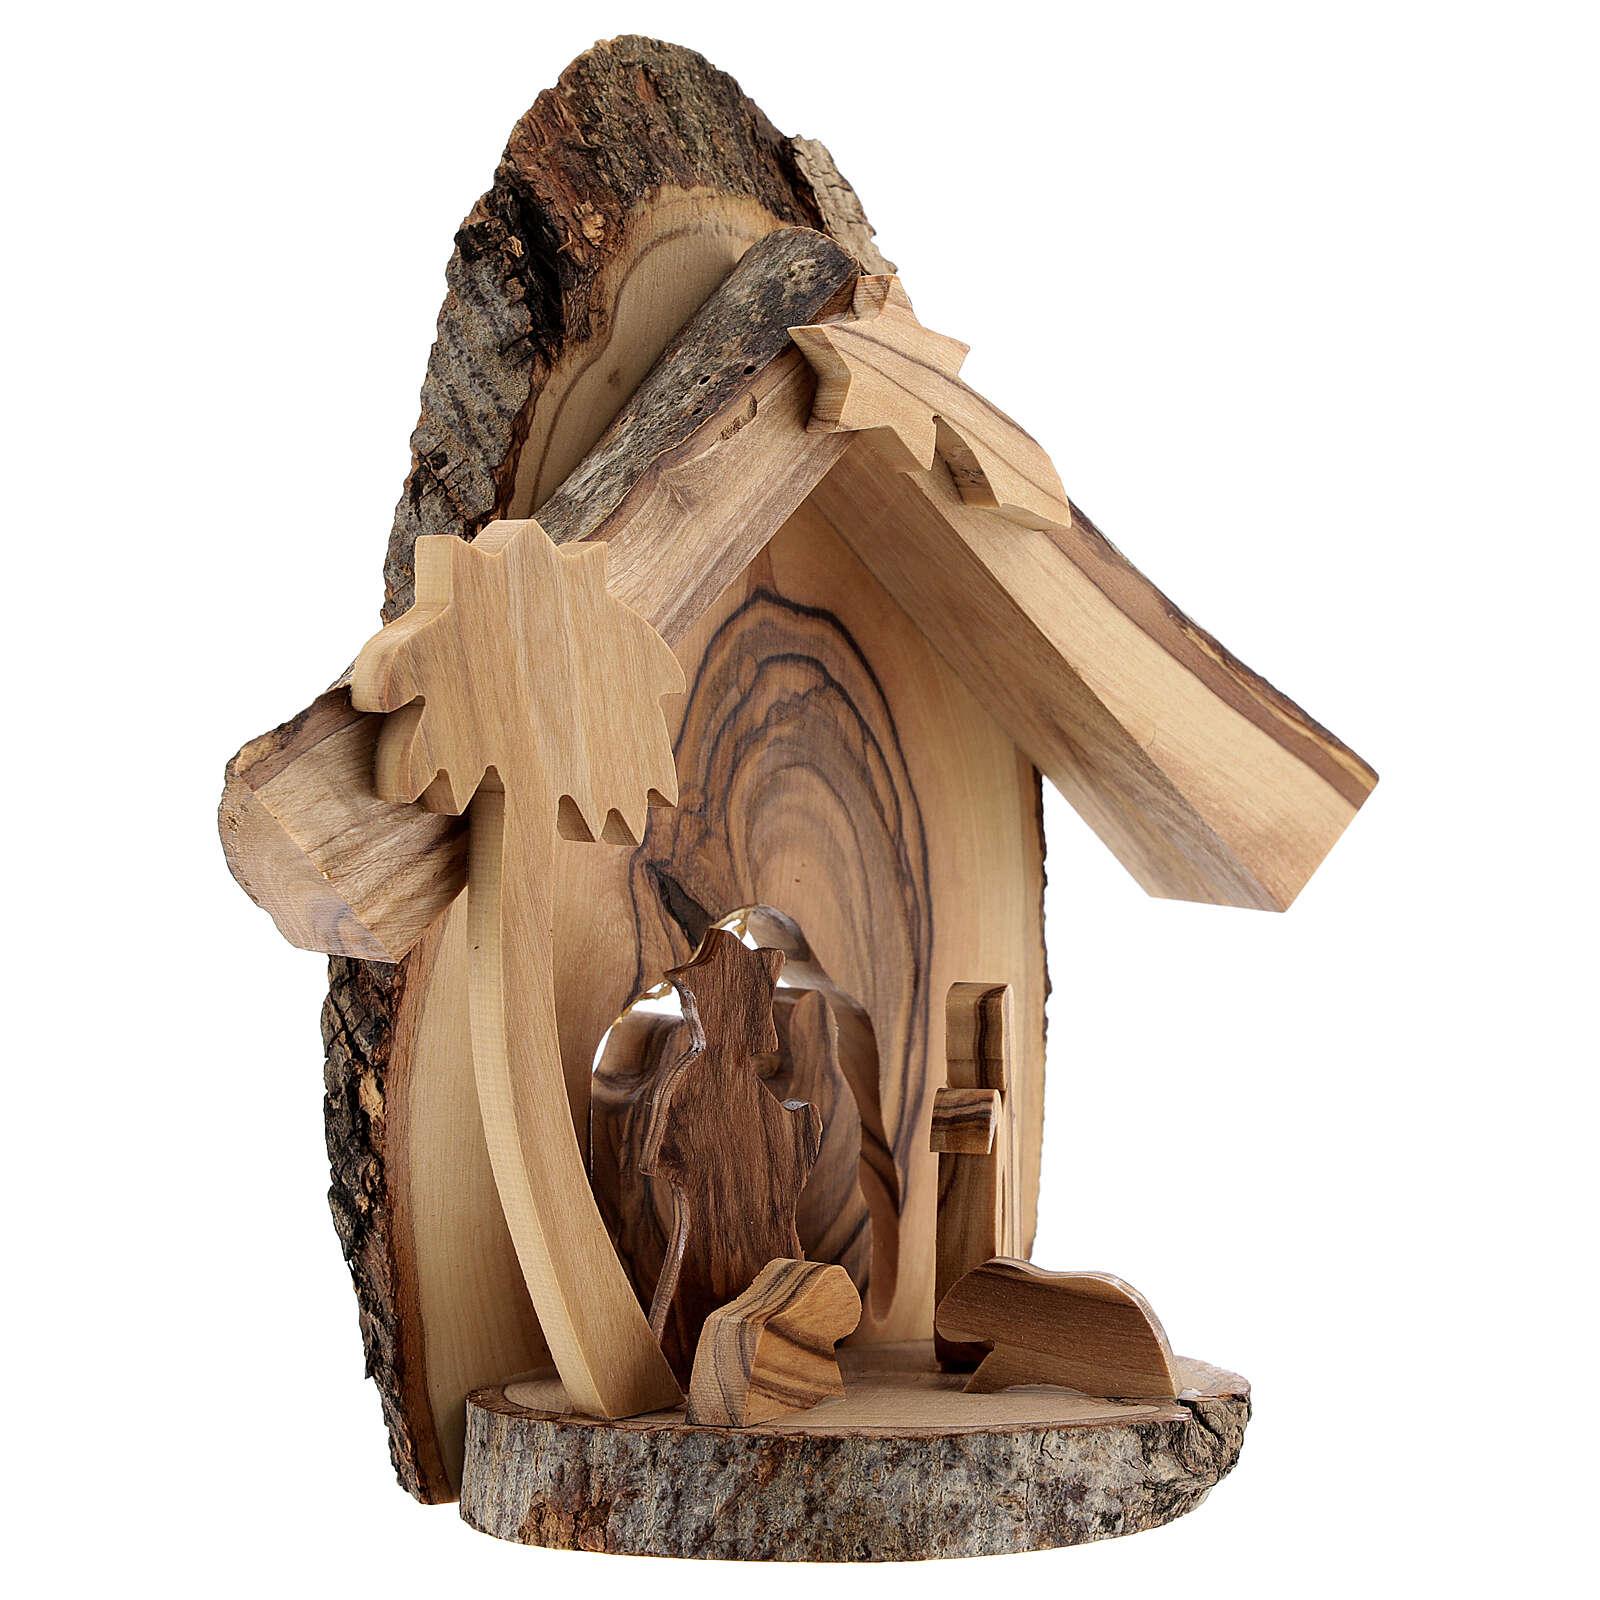 Krippenhütte aus Olivenholz Stil Bethlehem, 15x15x5 cm 4